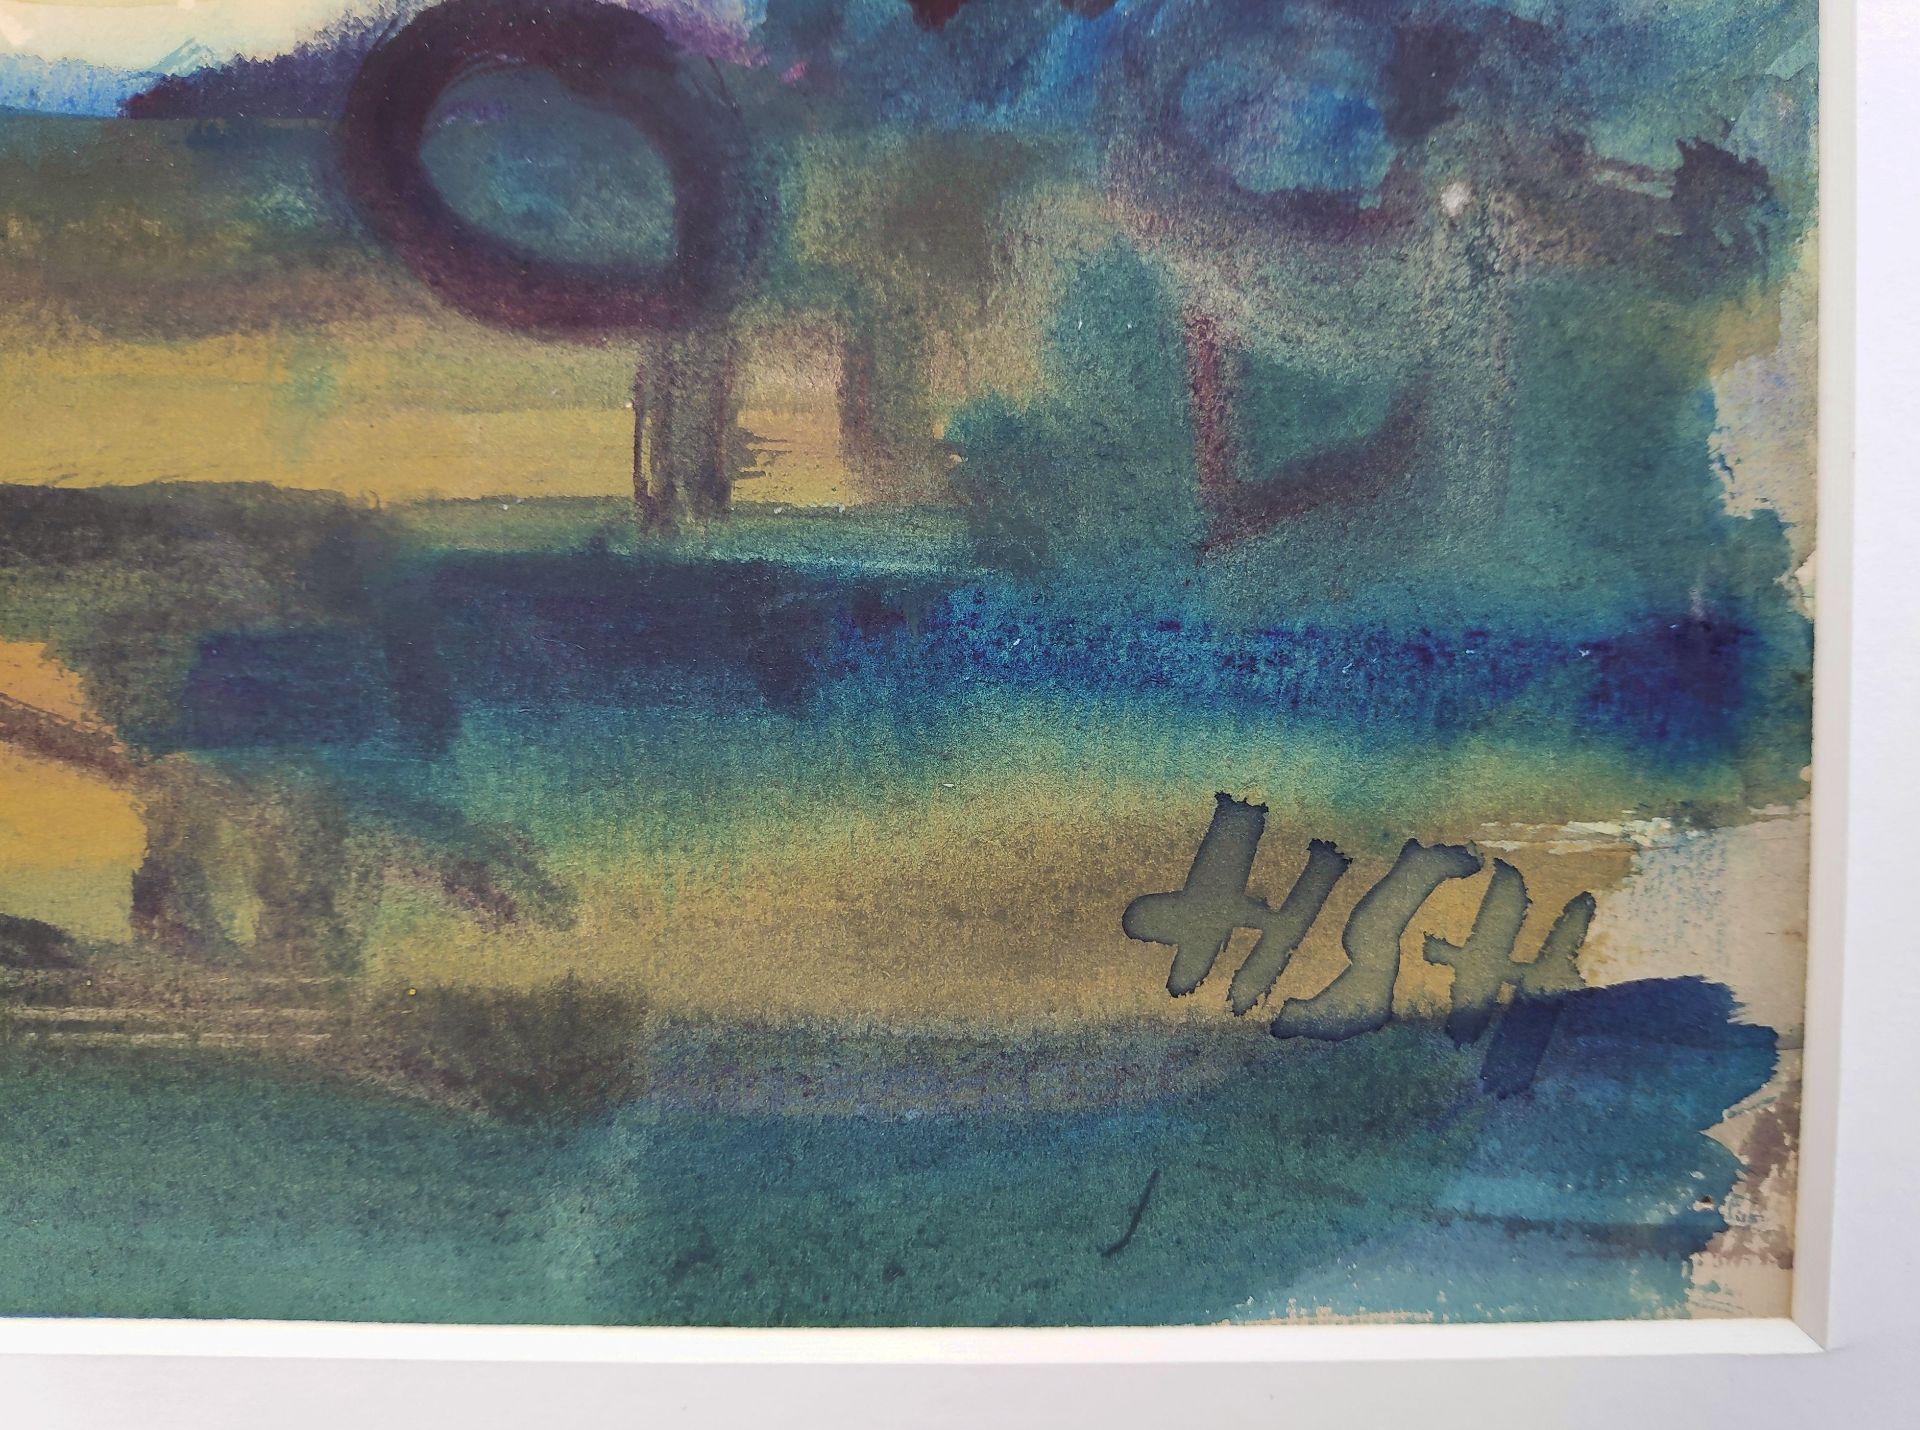 """Holtz-Sommer, Hedwig (1901 Berlin – 1970 Wustrow) """"Zwei weiße Boote"""" - Bild 3 aus 3"""